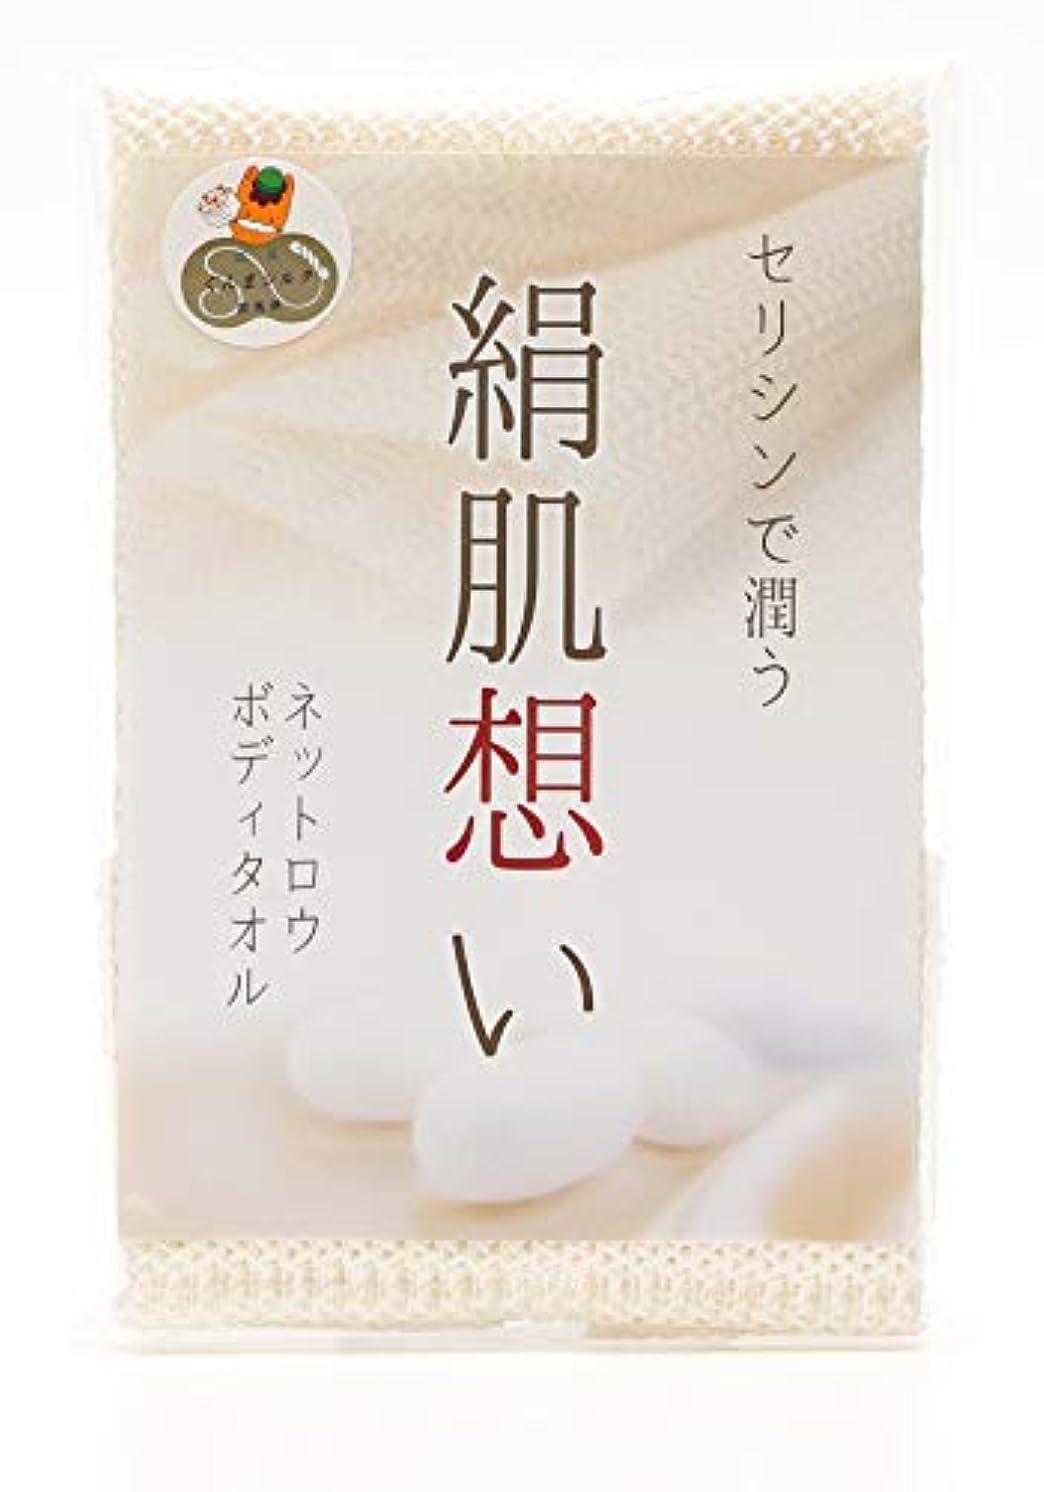 ヤングハードポルノ[ハッピーシルク] シルクボディータオル 「絹肌想い 」浴用ボディタオル セリシンで潤う シルク100% ネットロウ